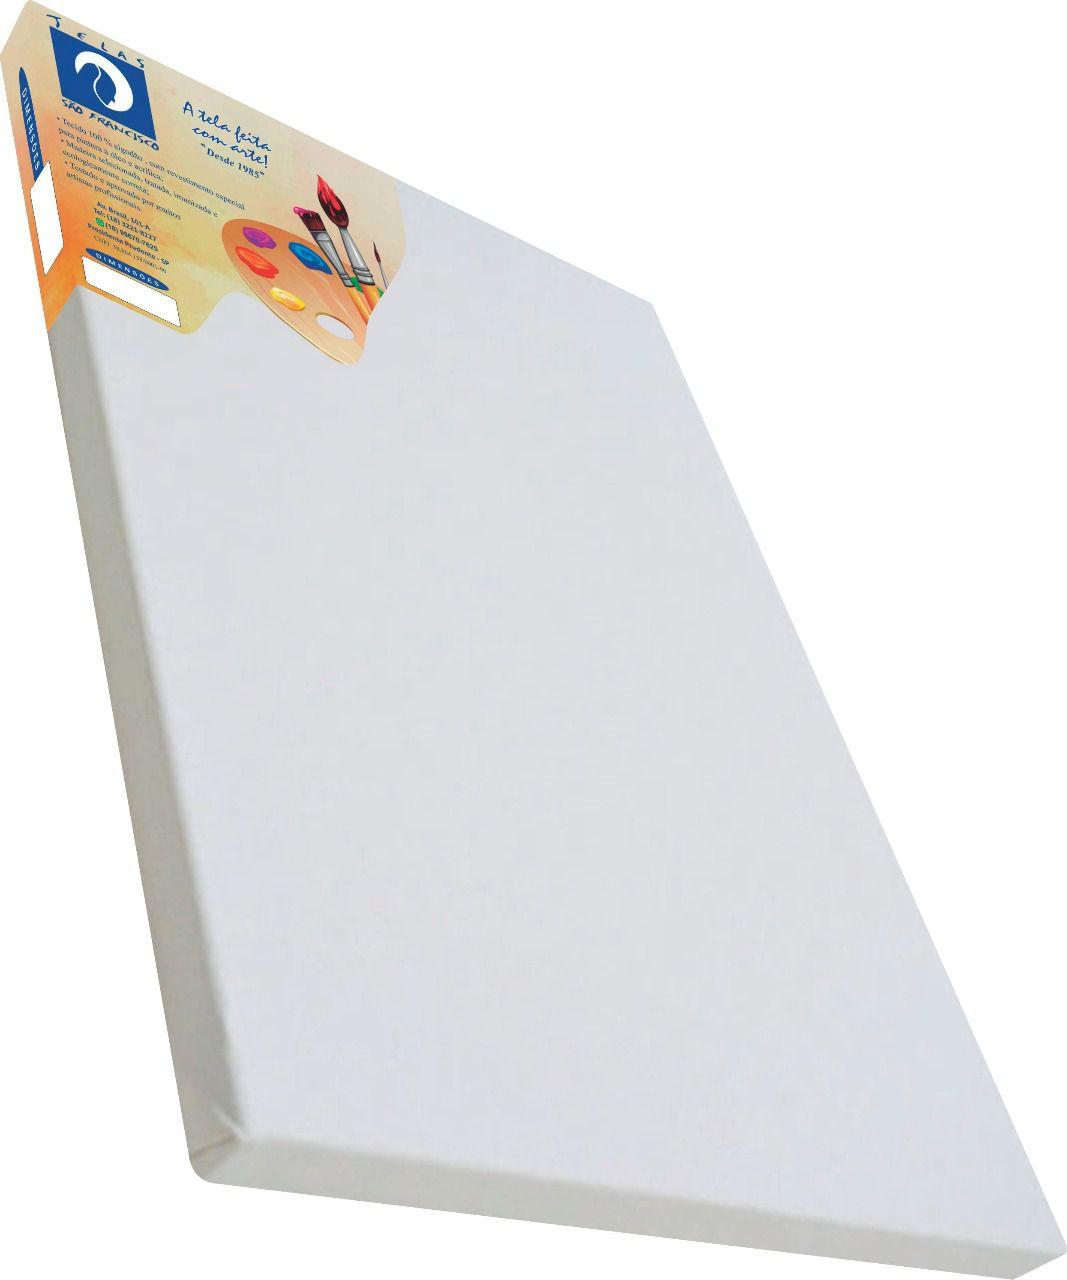 Tela comum para pintura 30x40cm - São Francisco